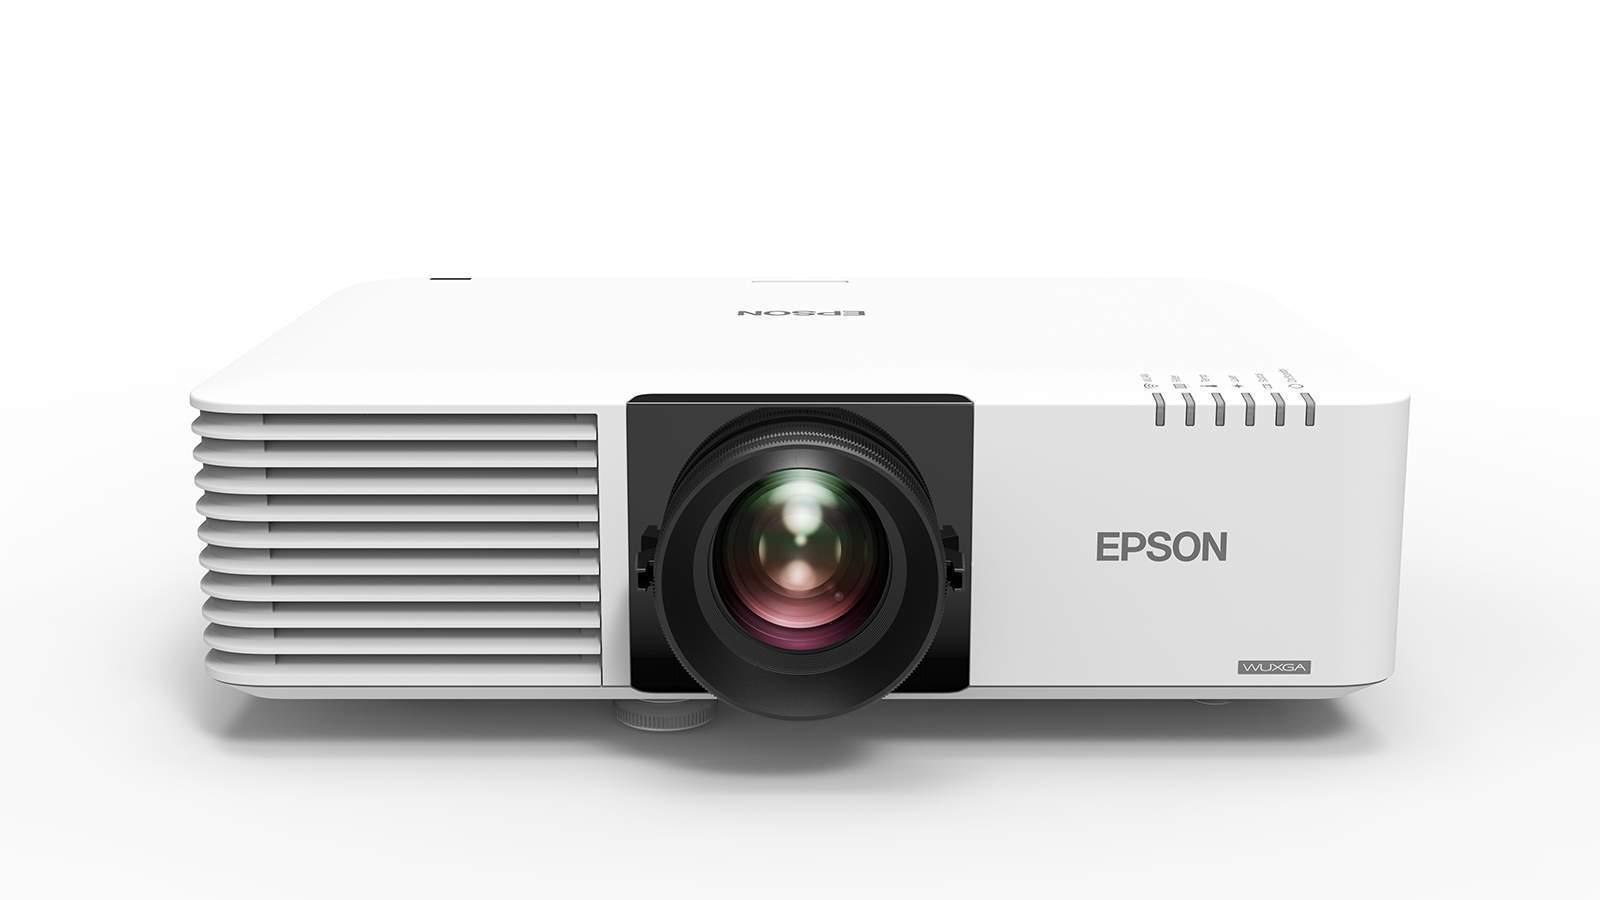 Epson EB-L400U – laserowy projektor rozdzielczości WUXGA poza jasnością 4500 lumenów zapewnia wiele lat bezawaryjnej pracy